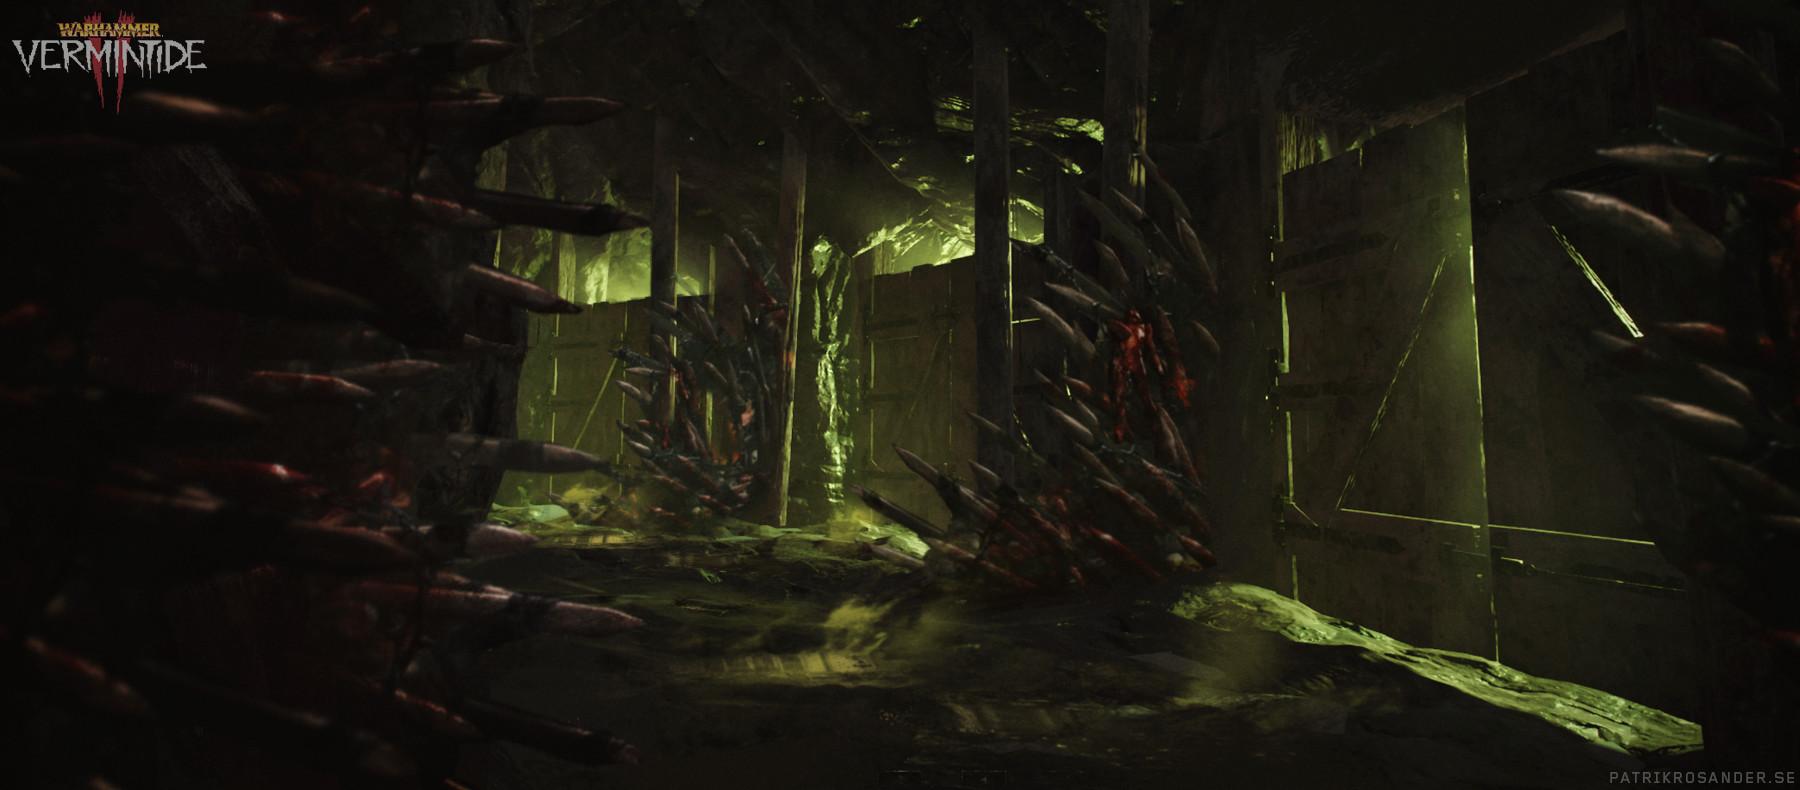 Patrik rosander mines chaos altar troll door paintover